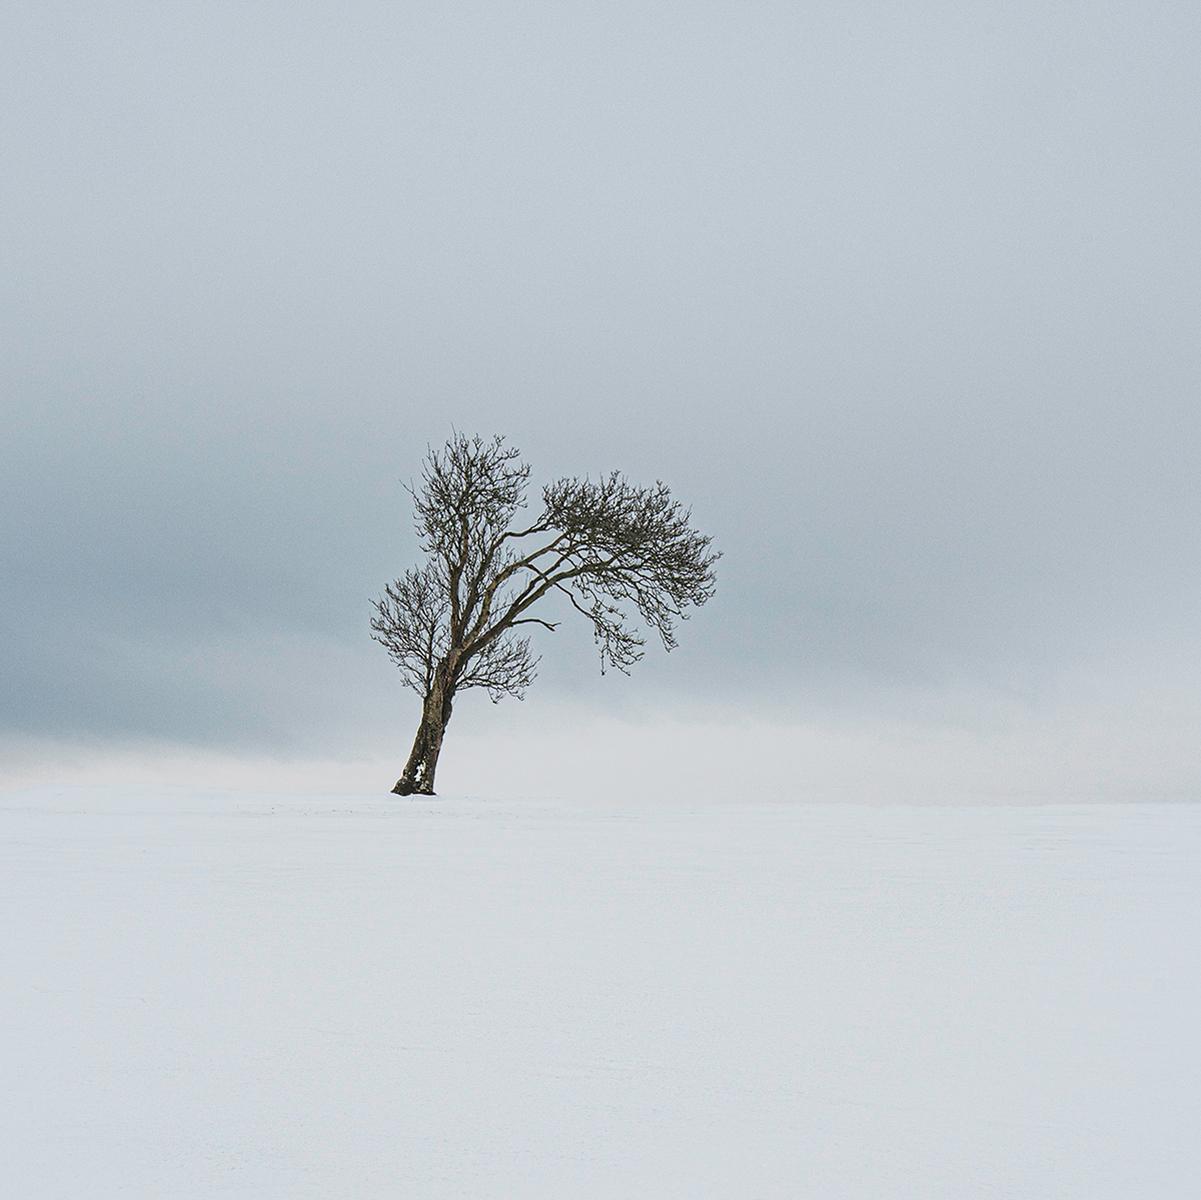 Winter-Tree_268